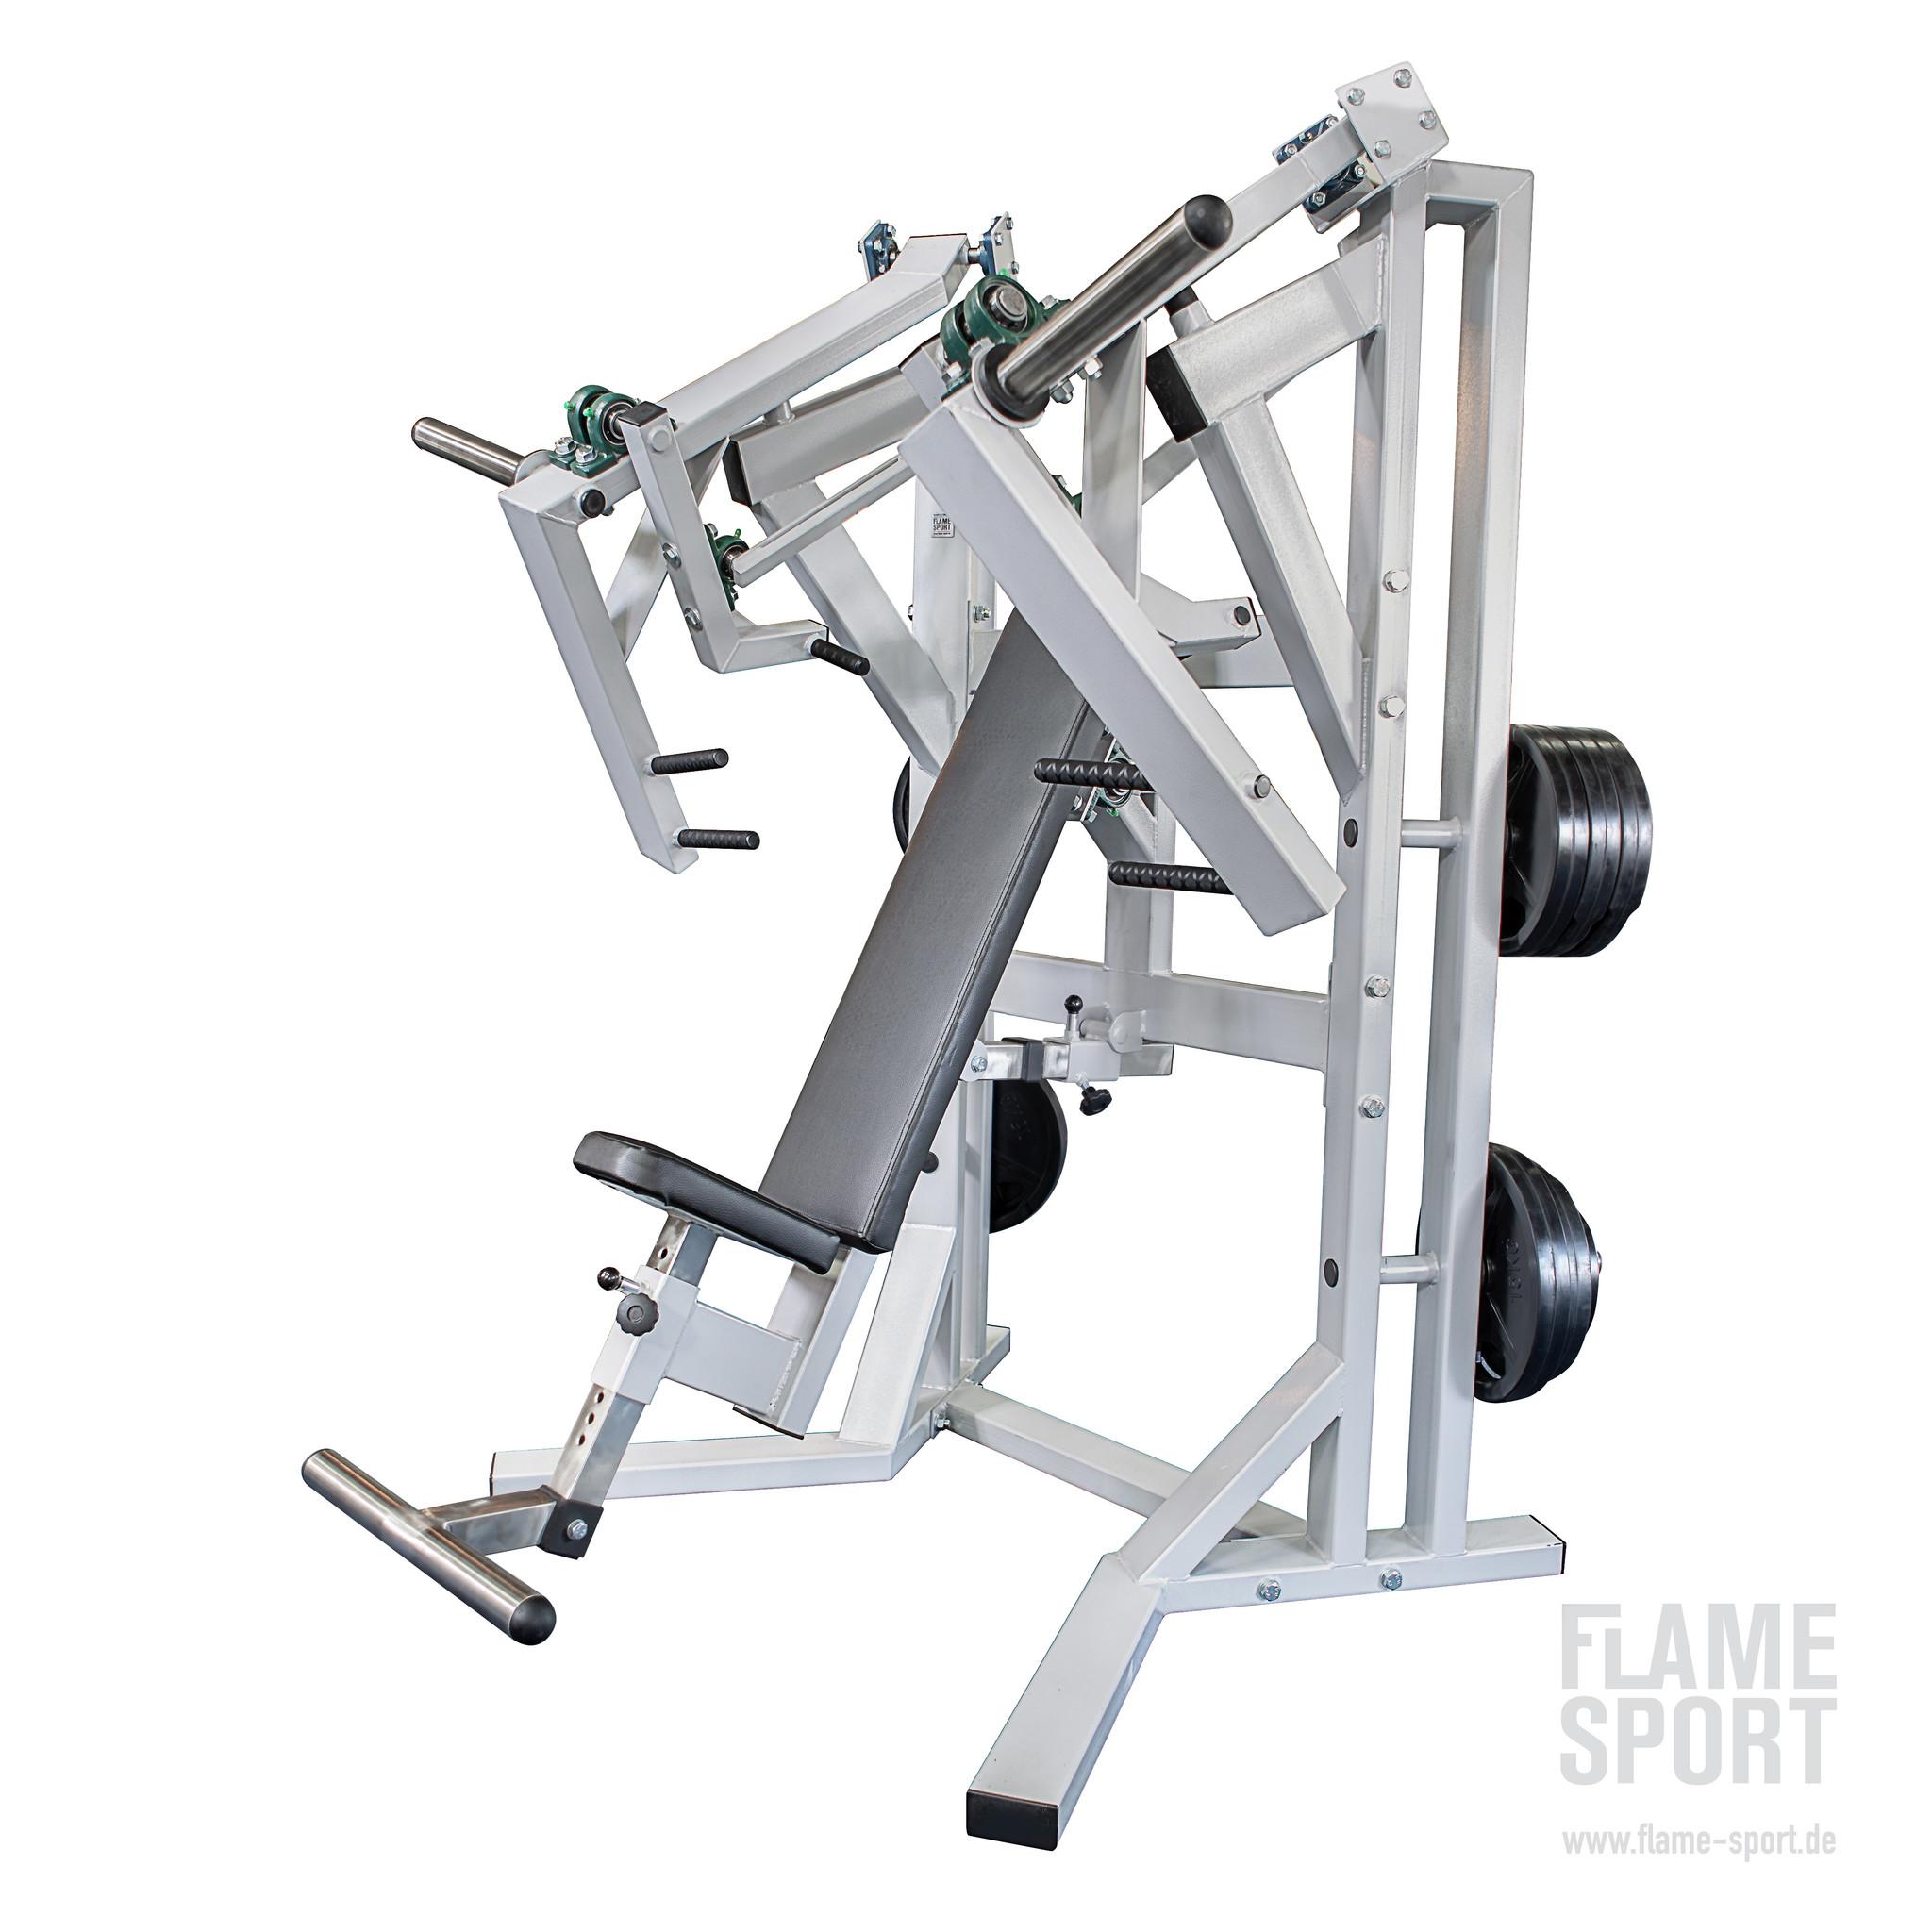 Brustpressmaschine & Schulterpresse (6AXX2P) mit verstellbarer Rückenlehne und Beinstütze